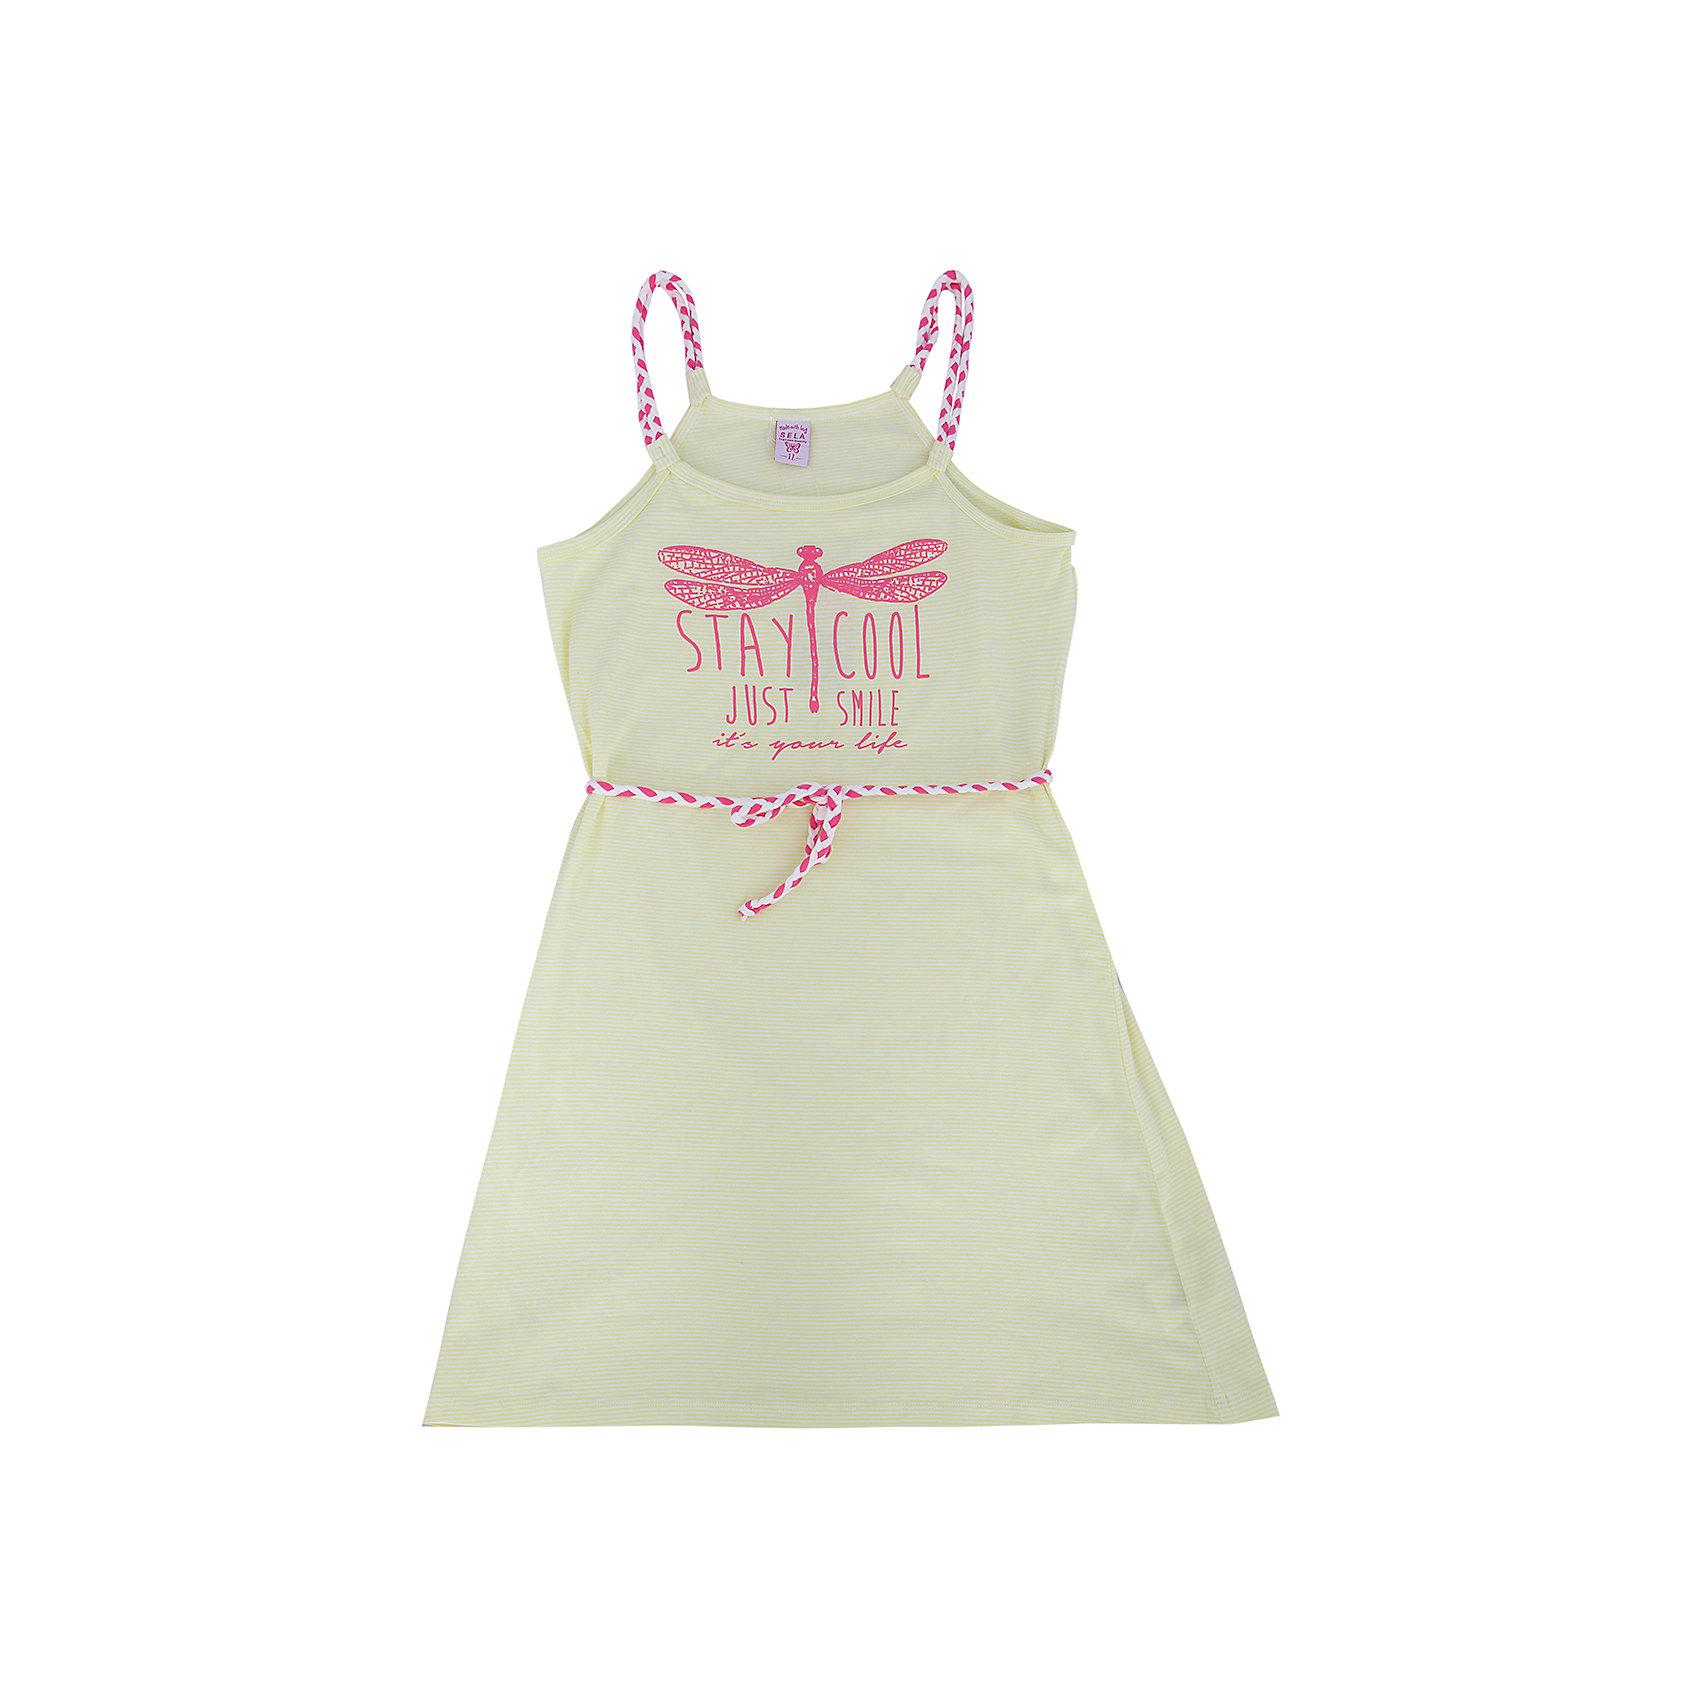 Платье для девочки SELAСтильное платье для девочки от популярного бренда SELA. Изделие выполнено из высококачественного трикотажа, мягкого, эластичного и приятного к телу, и обладает следующими особенностями:<br>- белый цвет, милый принт на груди;<br>- эффектные бретели и пояс-шнурок;<br>- без рукавов;<br>- округлый вырез горловины;<br>- А-силуэт;<br>- комфортный крой, обеспечивающий свободу движения.<br>Прекрасный выбор для летних дней!<br><br>Дополнительная информация:<br>- состав: 95% хлопок, 5% эластан<br>- цвет: белый+розовый<br><br>Платье для девочки SELA (СЕЛА) можно купить в нашем магазине<br><br>Ширина мм: 236<br>Глубина мм: 16<br>Высота мм: 184<br>Вес г: 177<br>Цвет: зеленый<br>Возраст от месяцев: 132<br>Возраст до месяцев: 144<br>Пол: Женский<br>Возраст: Детский<br>Размер: 152,116,122,128,134,140,146<br>SKU: 4741597